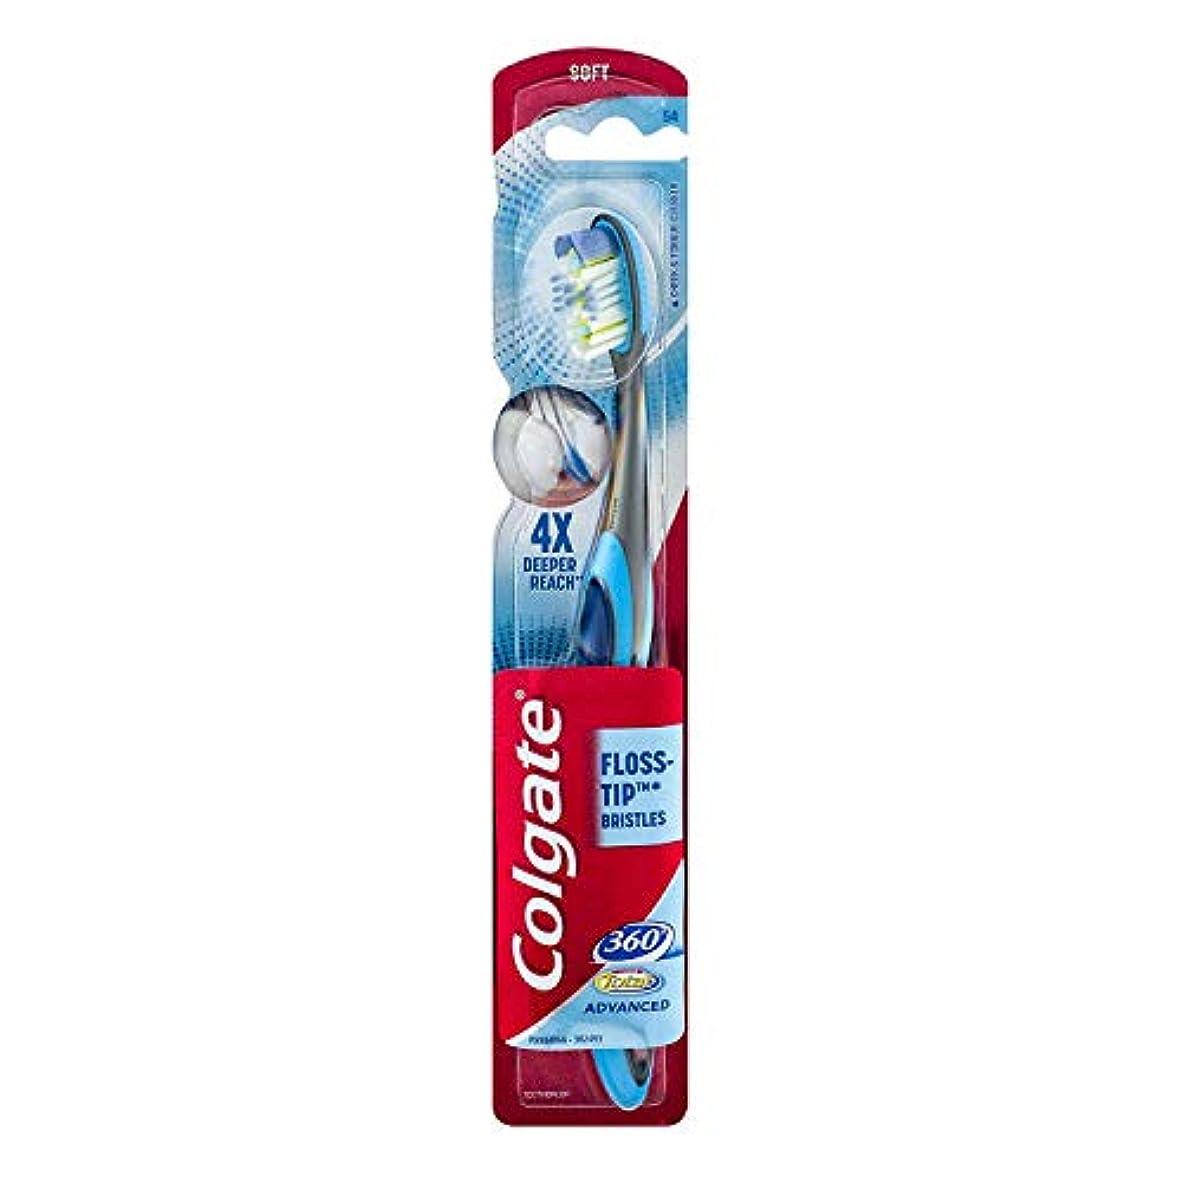 慣性フィクション引き出すColgate 360合計先進FLOSS-ヒント歯ブラシ、完全な頭部ソフト1 Eaは 1パック